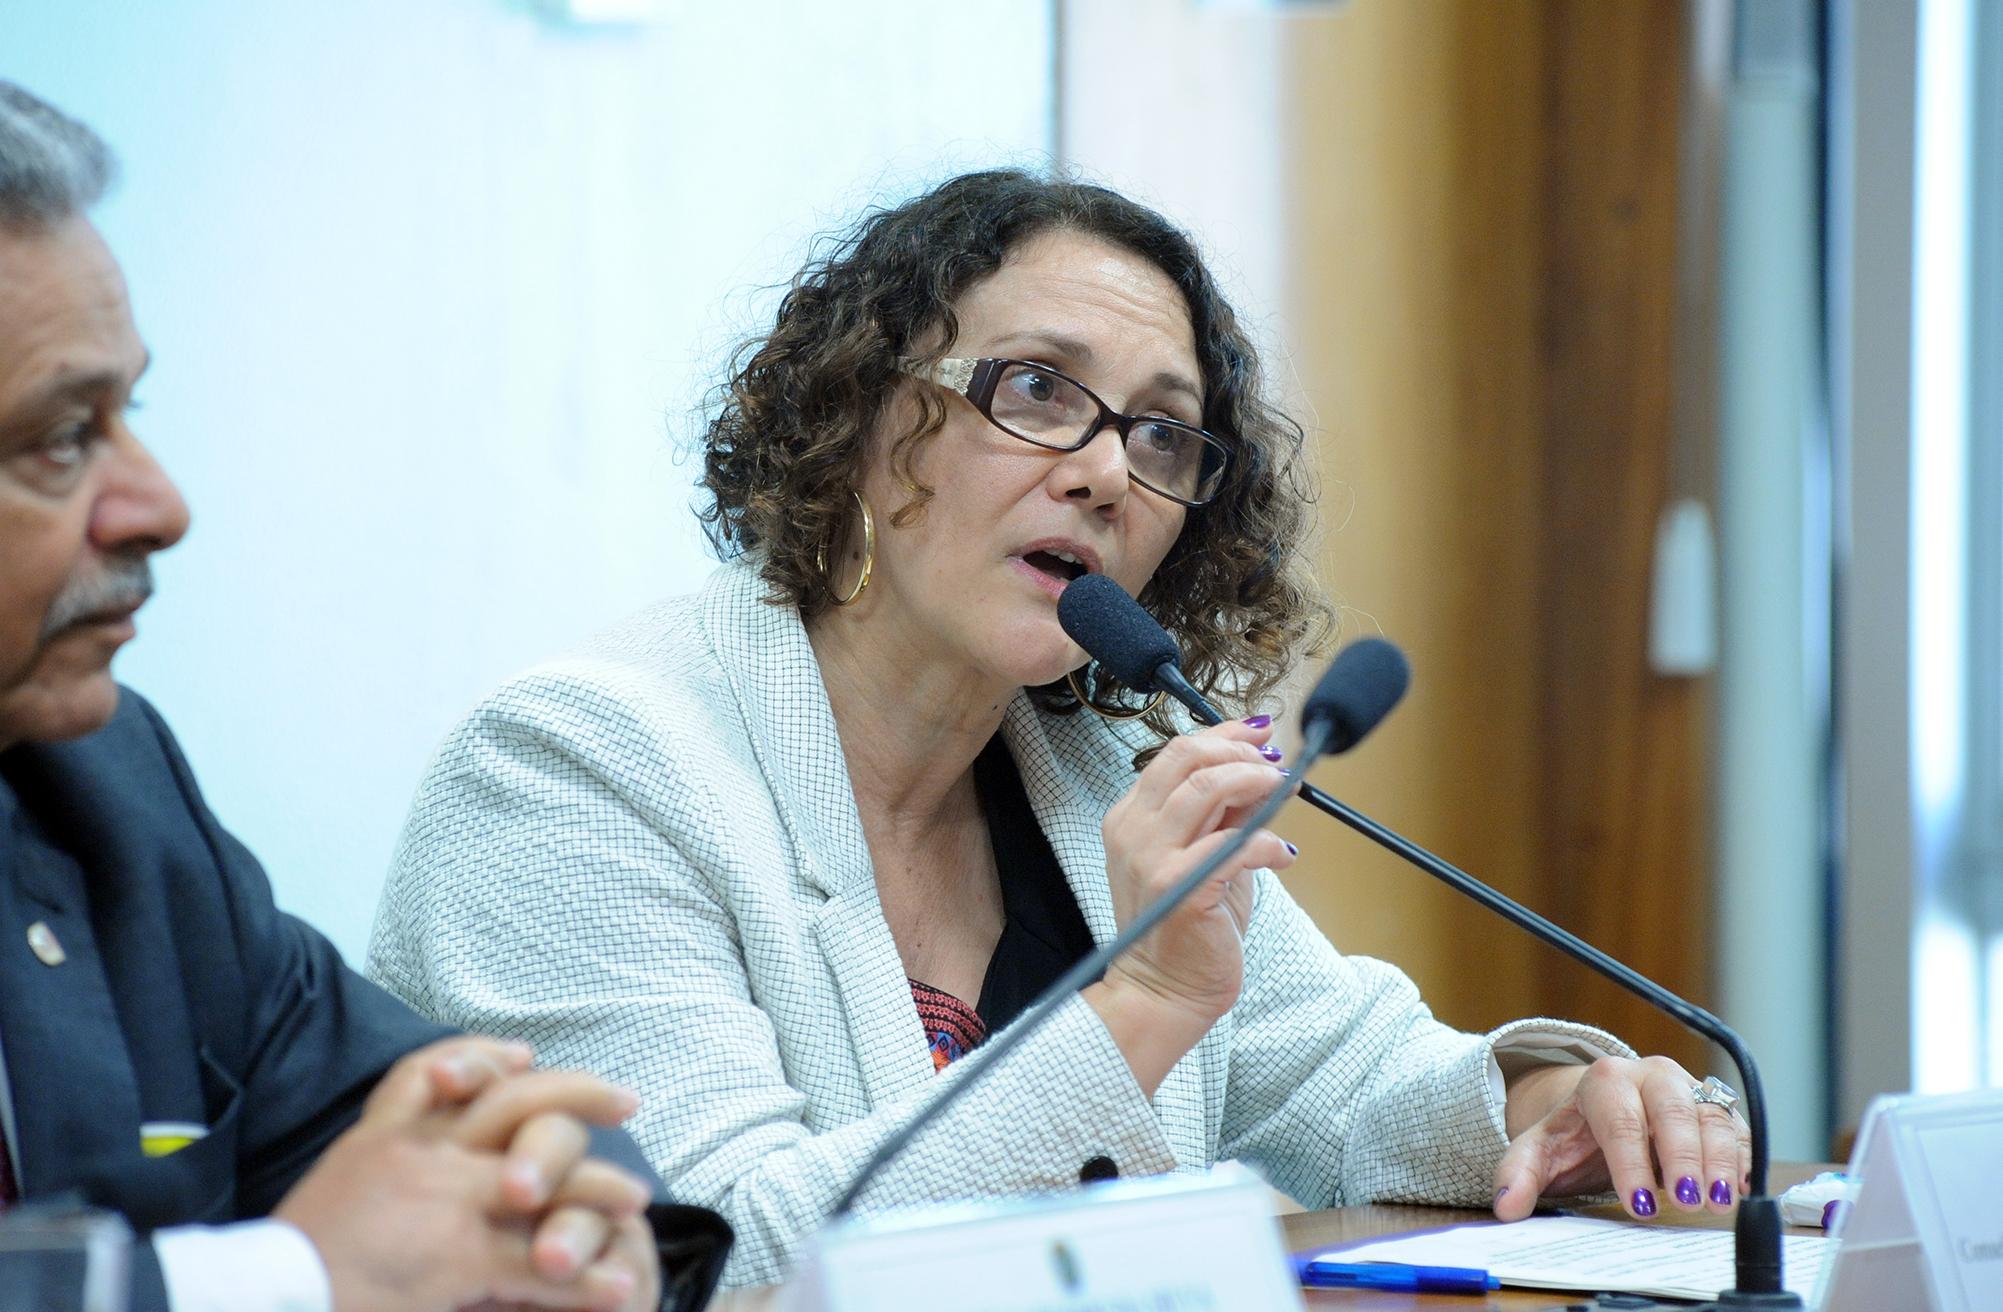 Audiência pública sobre a MP 696/15, que dispõe sobre a reforma administrativa do Governo Federal. Conselheira do Conselho Nacional dos Direitos da Mulher (CNDM), Sheila Sabag